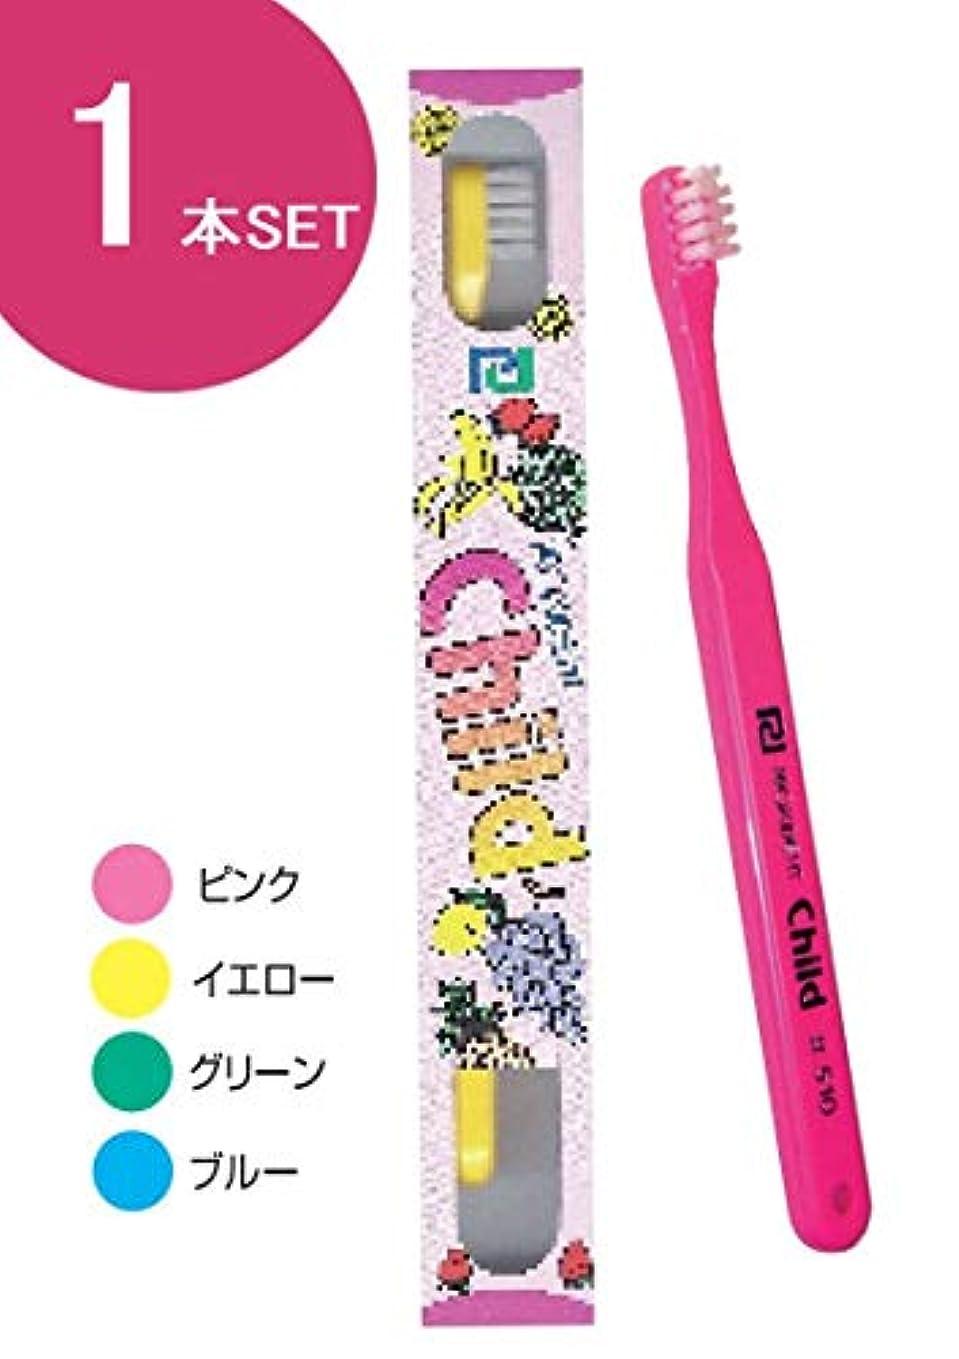 クラフト試験違反するプローデント プロキシデント チャイルド 歯ブラシ #510 (1本)